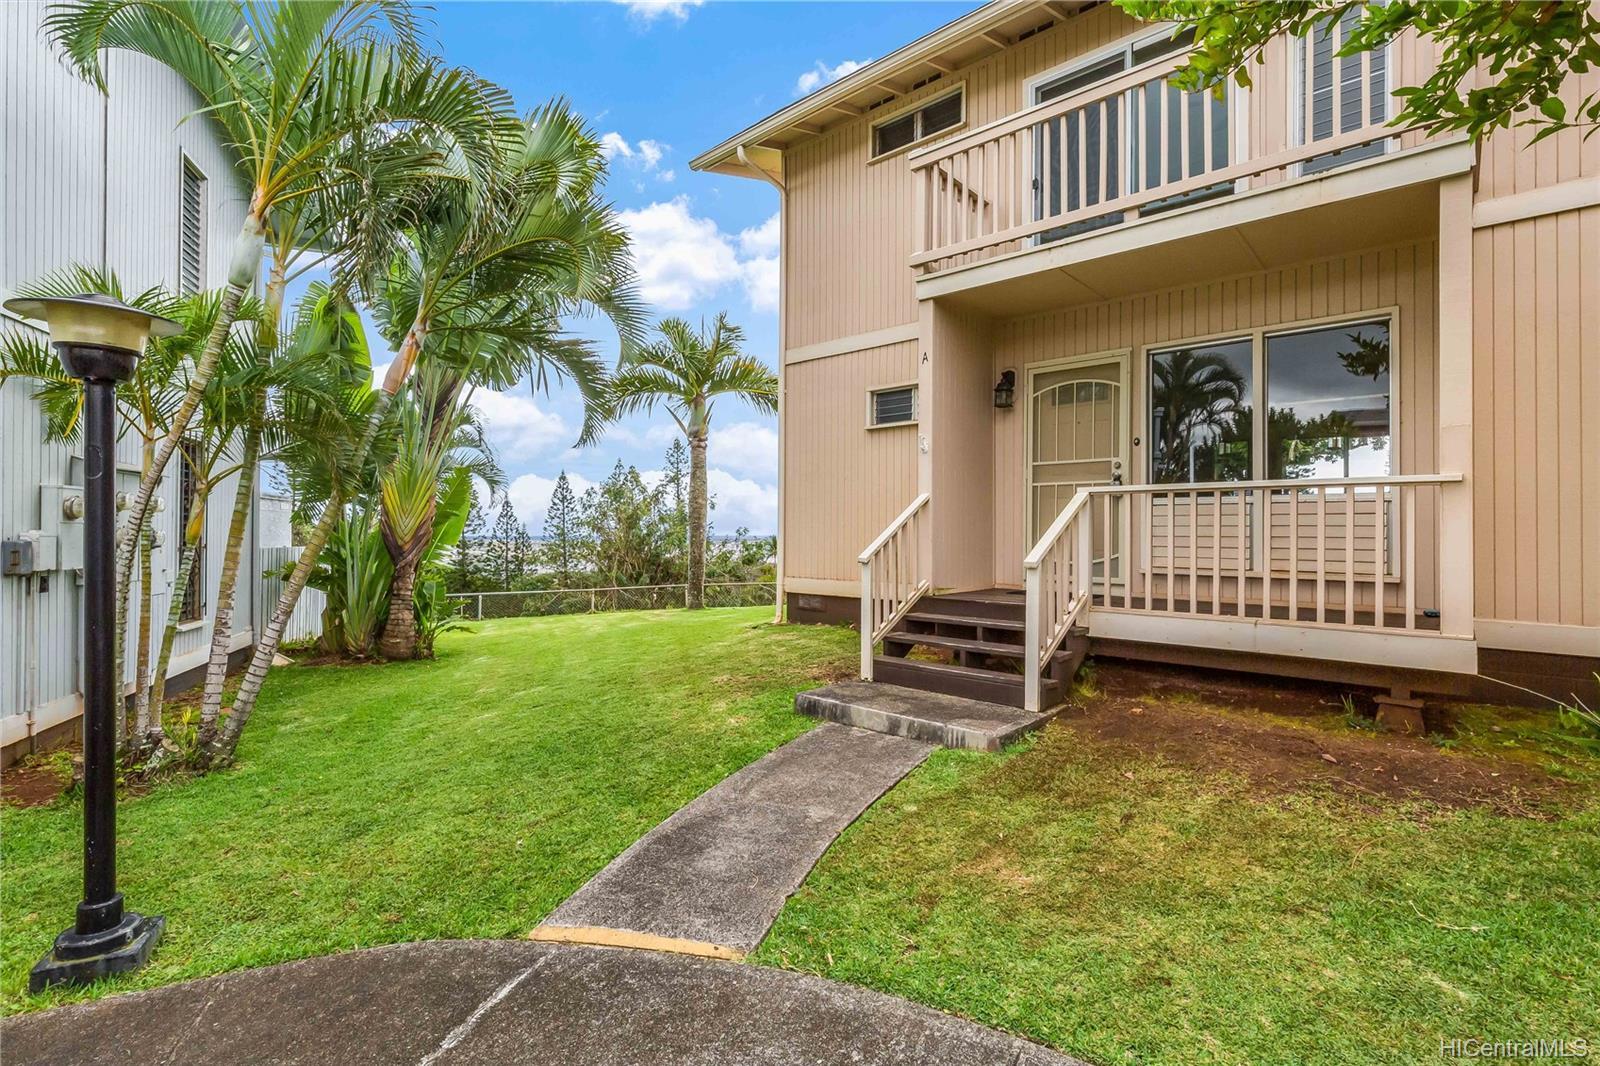 98-867 Kaonohi Street townhouse # A, Aiea, Hawaii - photo 0 of 25